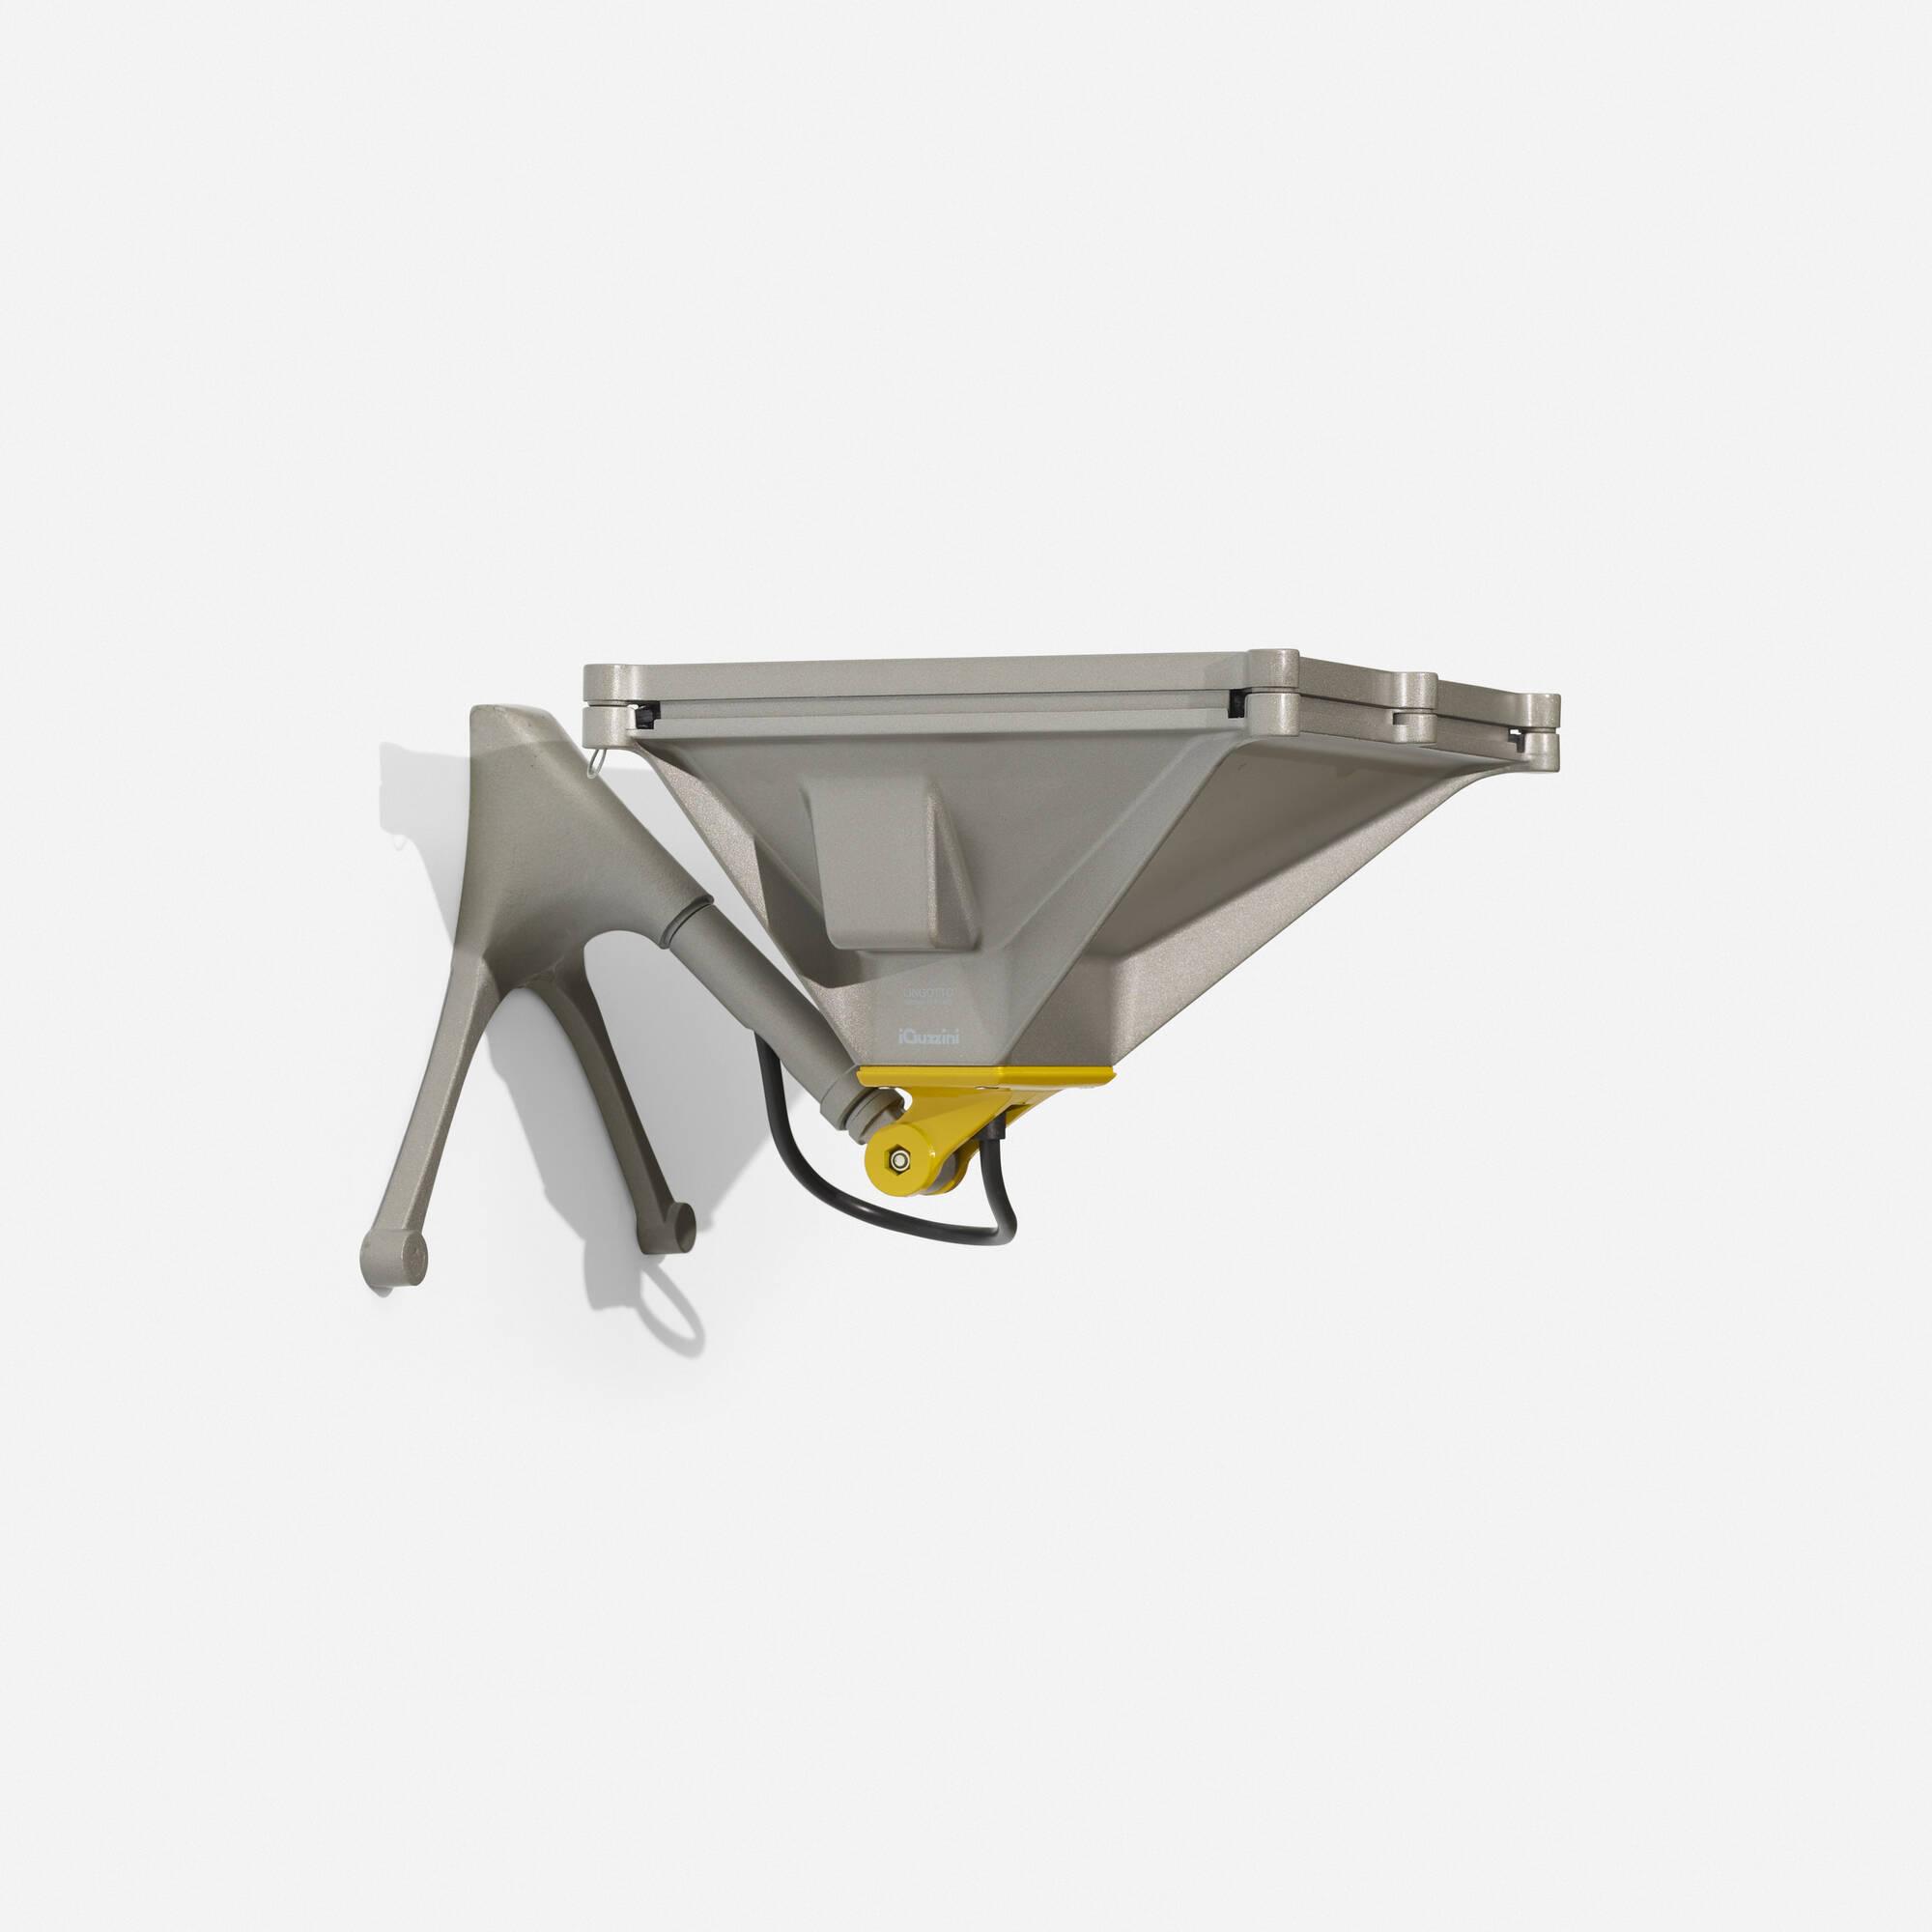 454: Renzo Piano / Lingotto sconce (1 of 1)